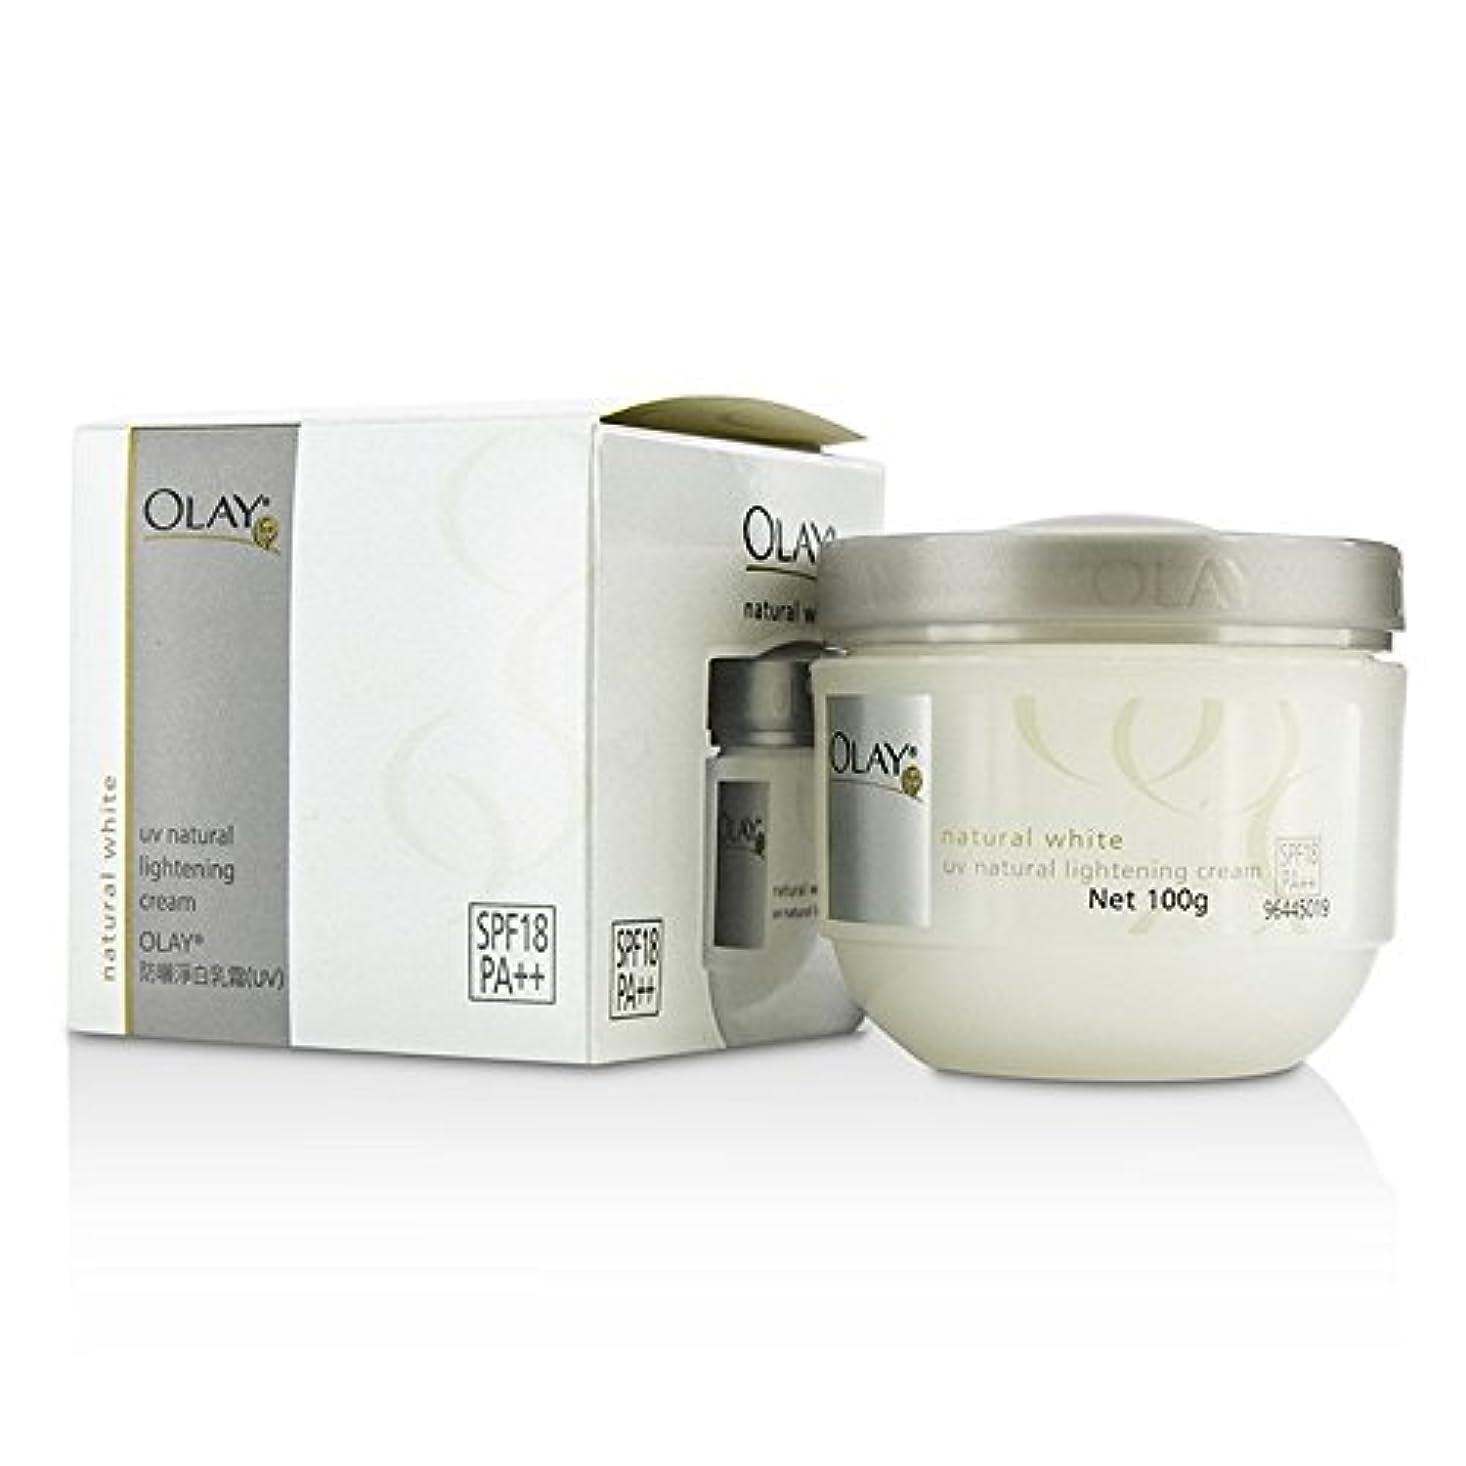 株式問い合わせる巨大なオレイ ナチュラルホワイト UV ナチュラルライトニングクリーム SPF18 100g/3.5oz並行輸入品